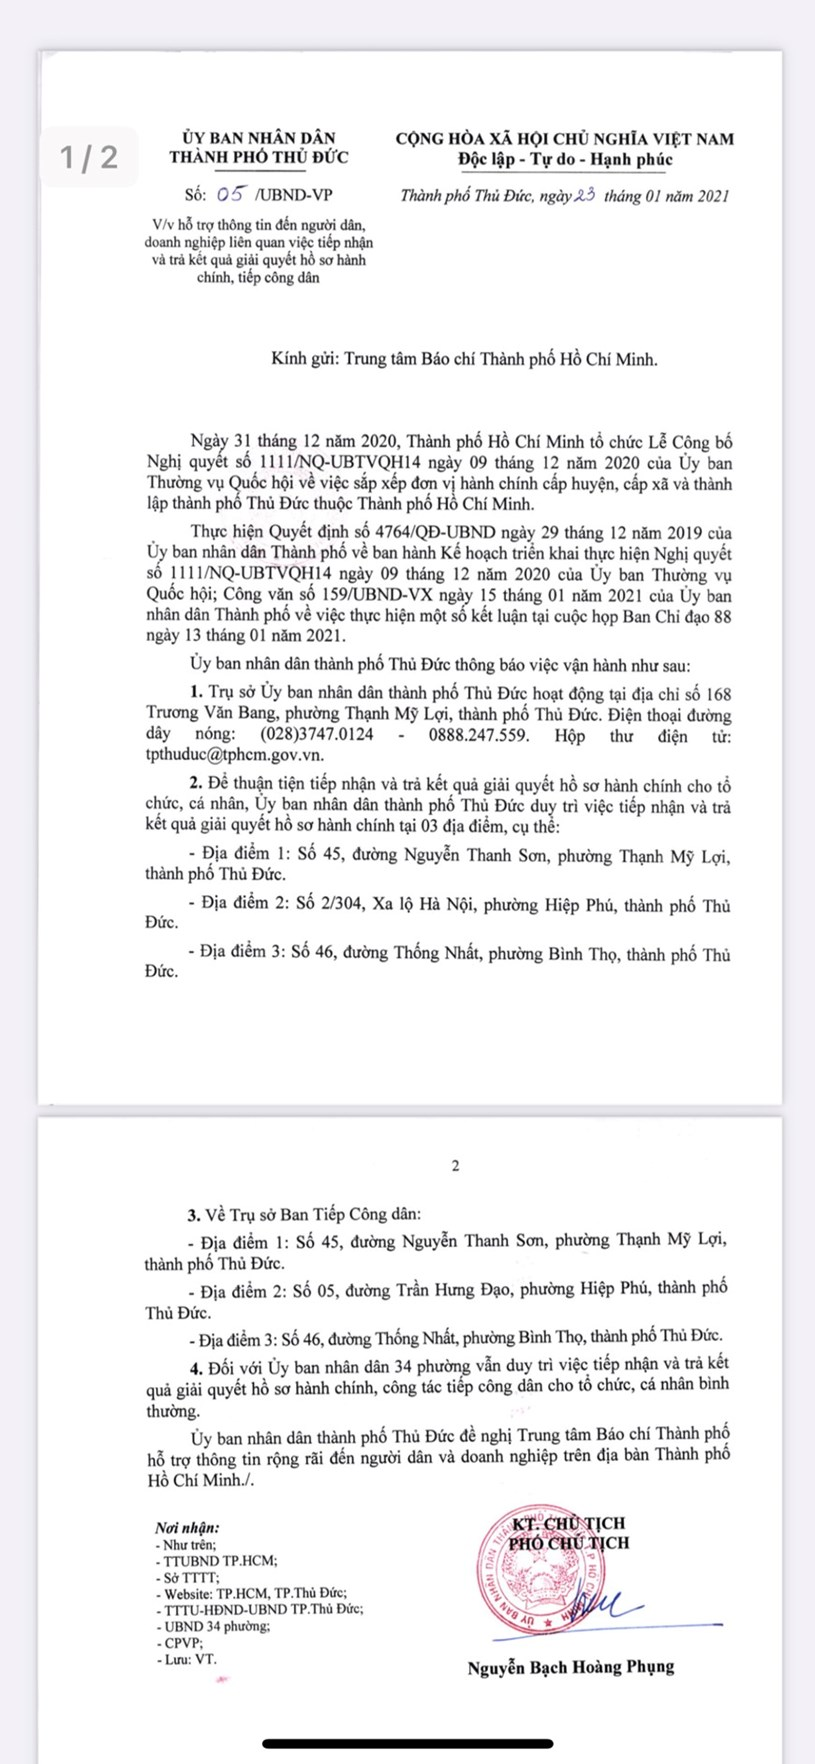 Nội dung văn bản số 05/UBND - VP của UBND TP Thủ Đức